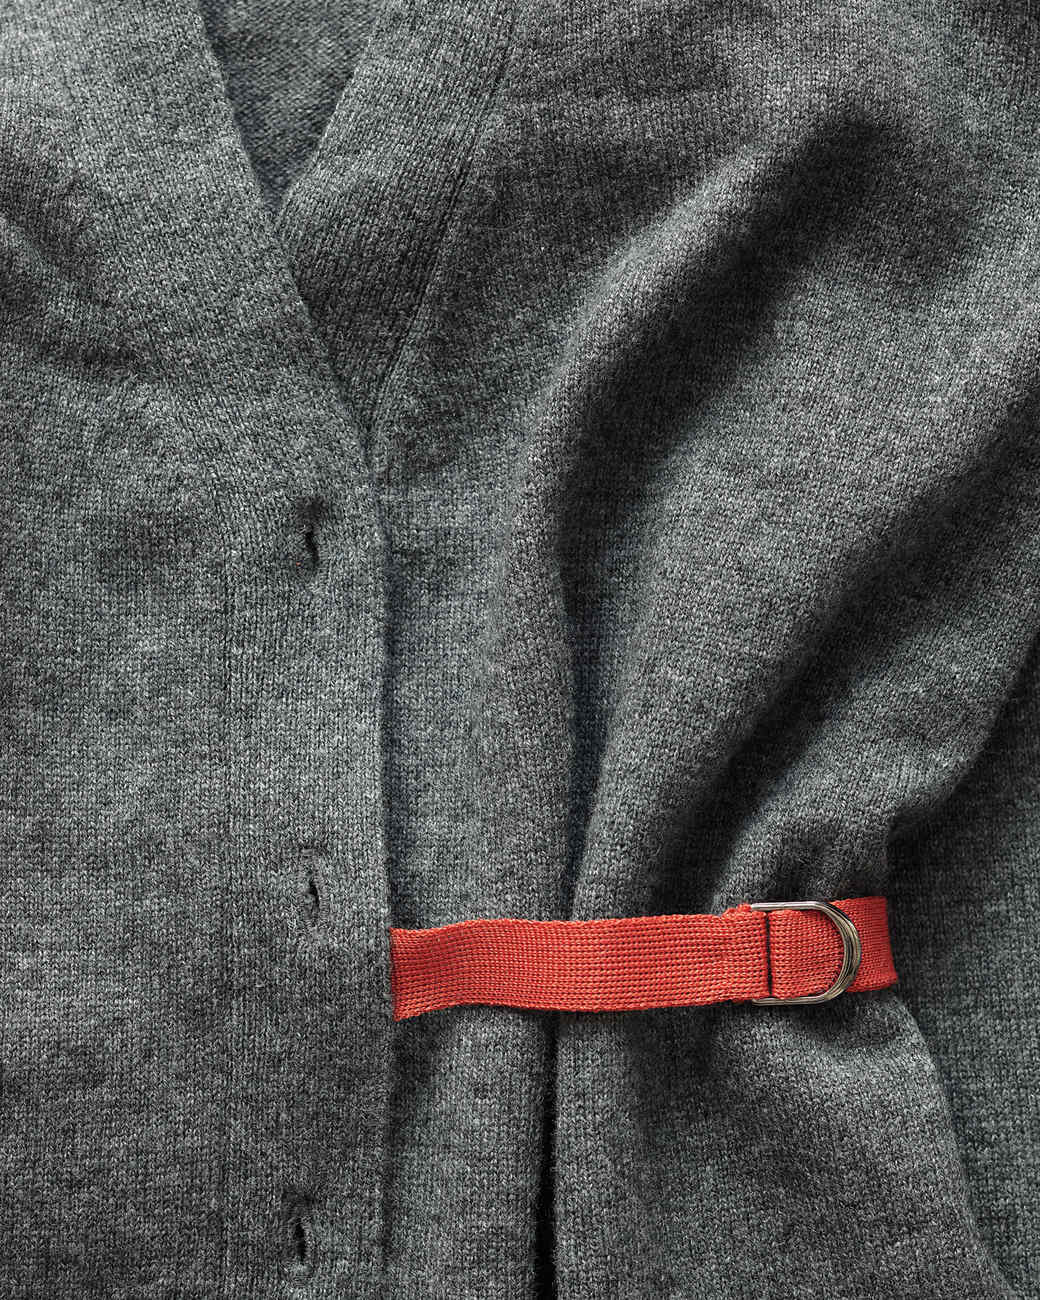 cardigans-043-md109232.jpg